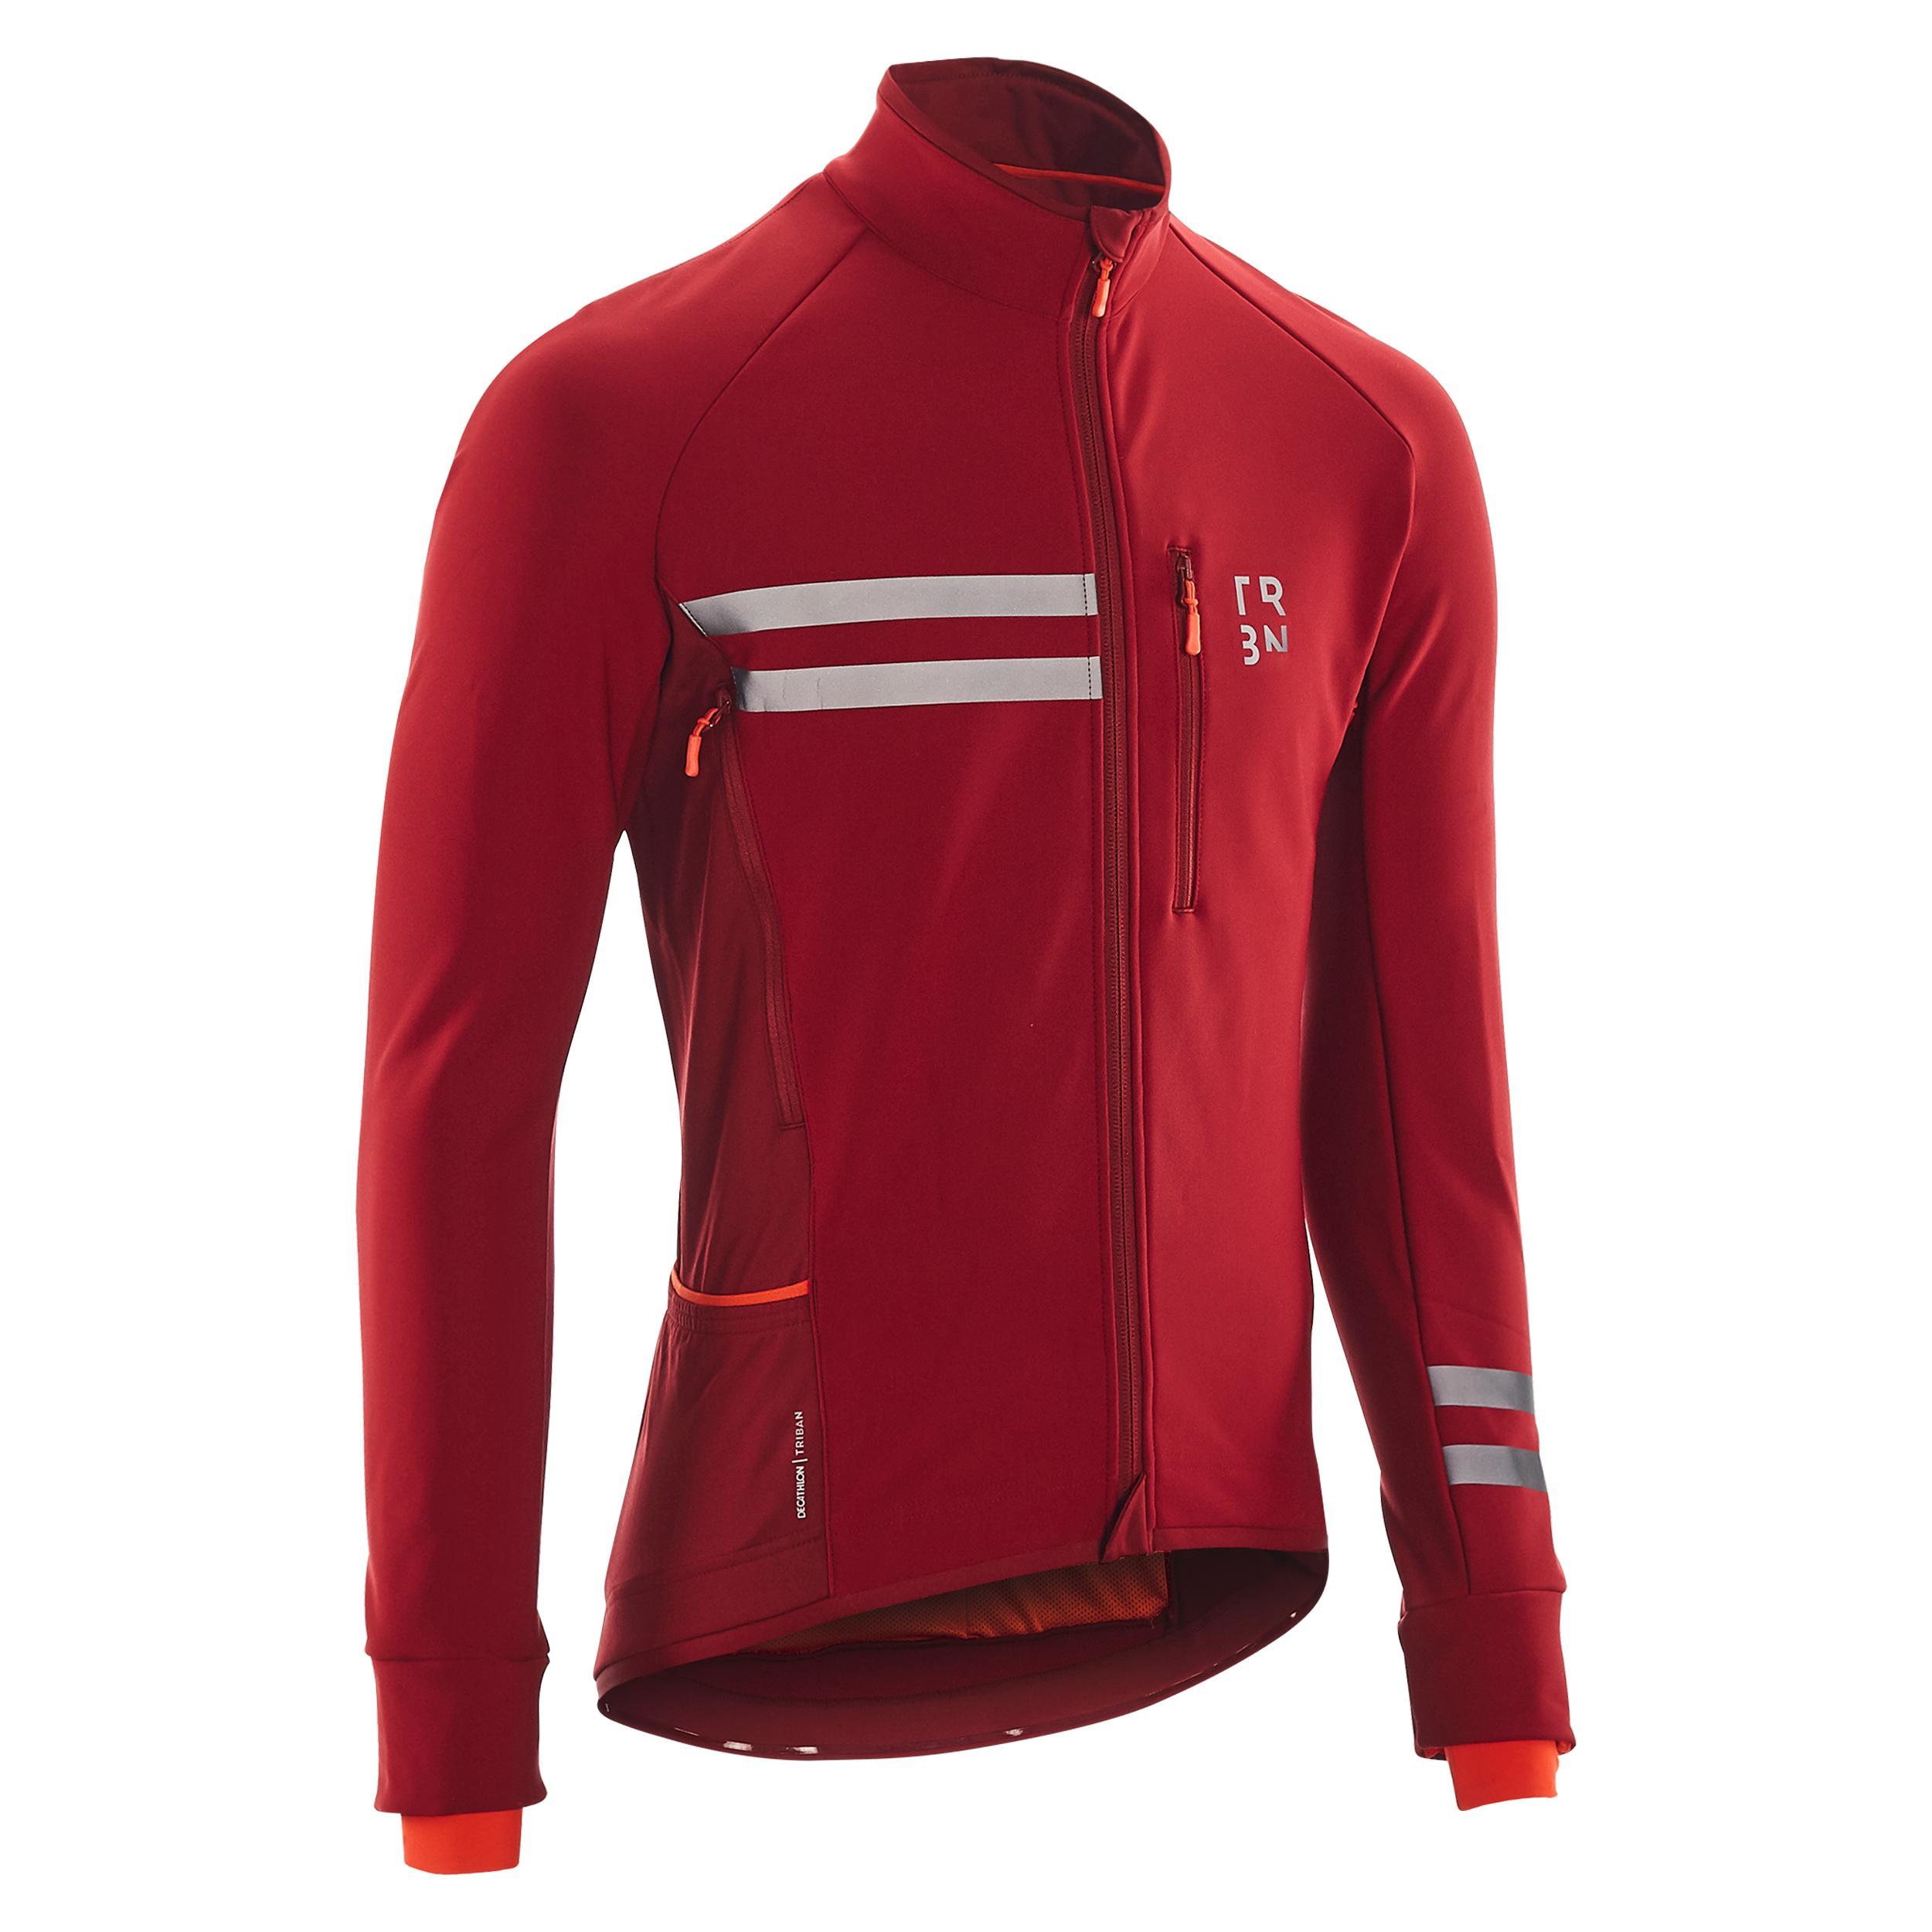 Jachetă ciclism RC 500 imagine produs